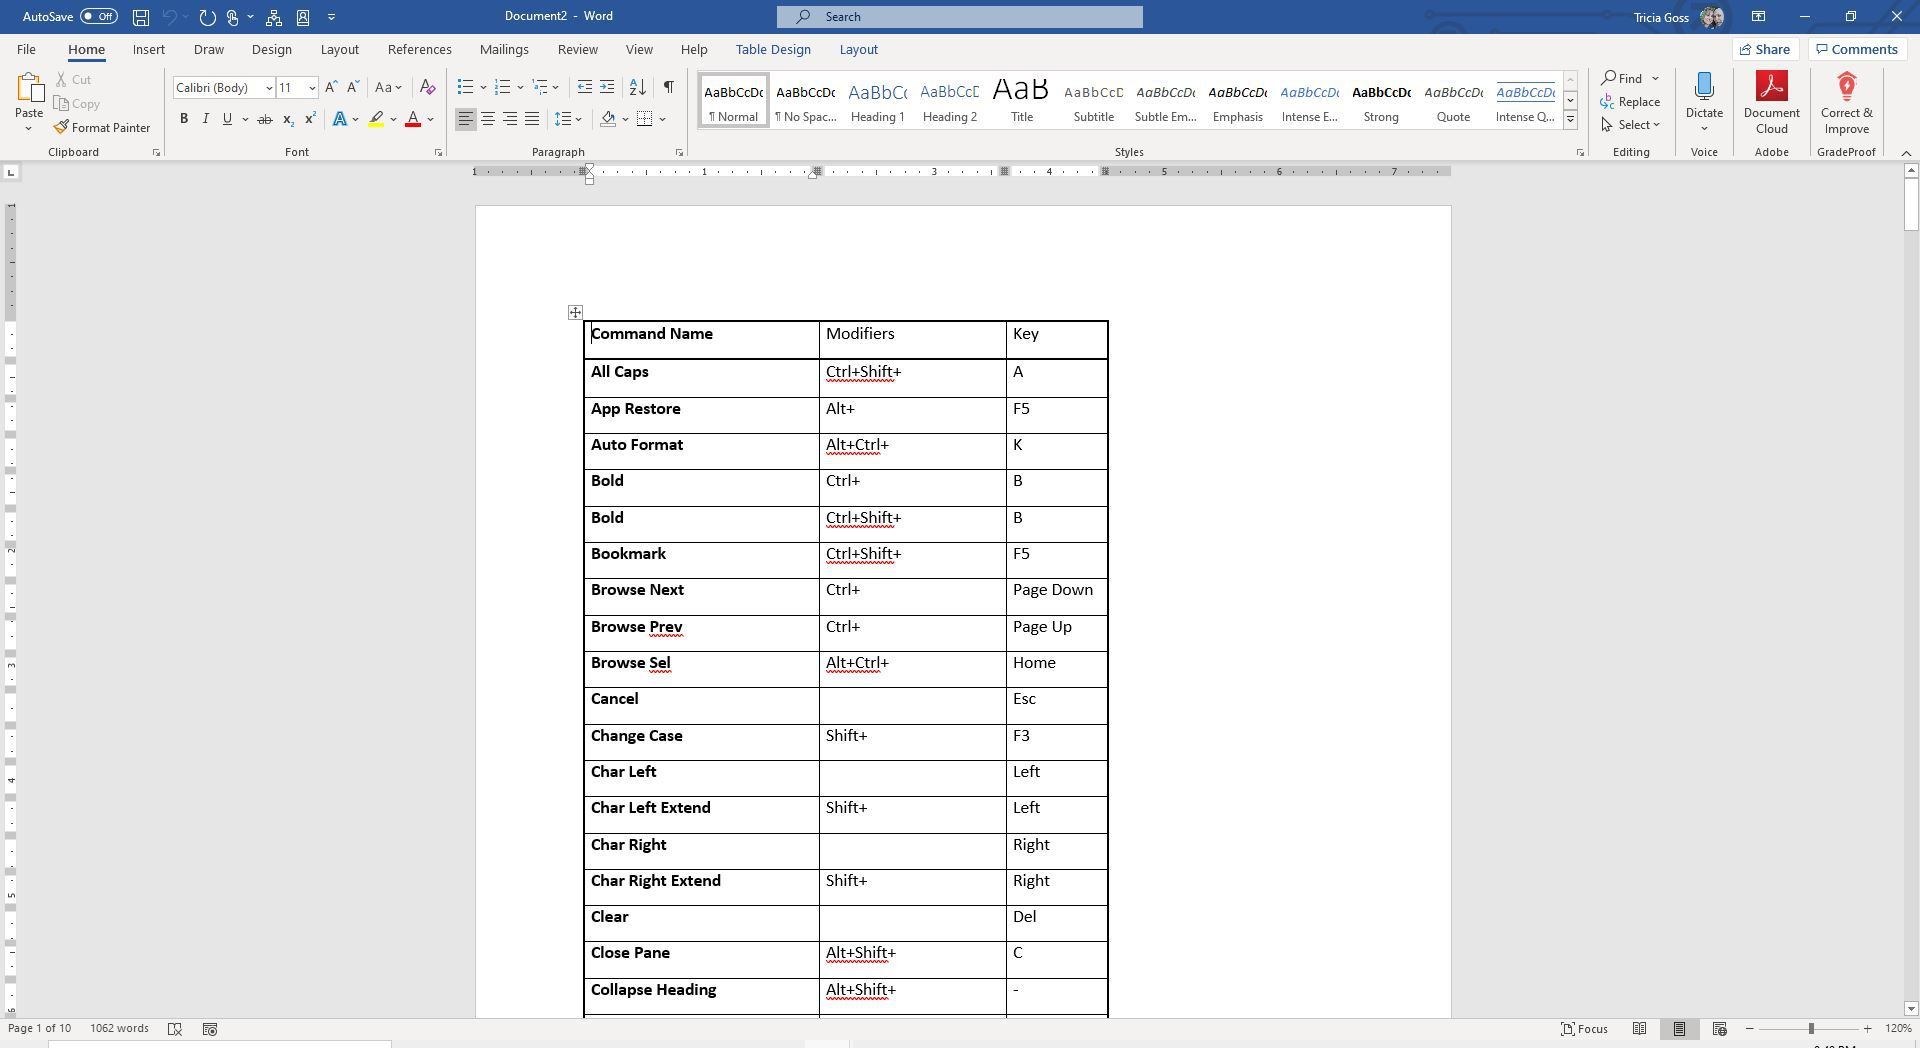 Screenshot of list of commands in Word